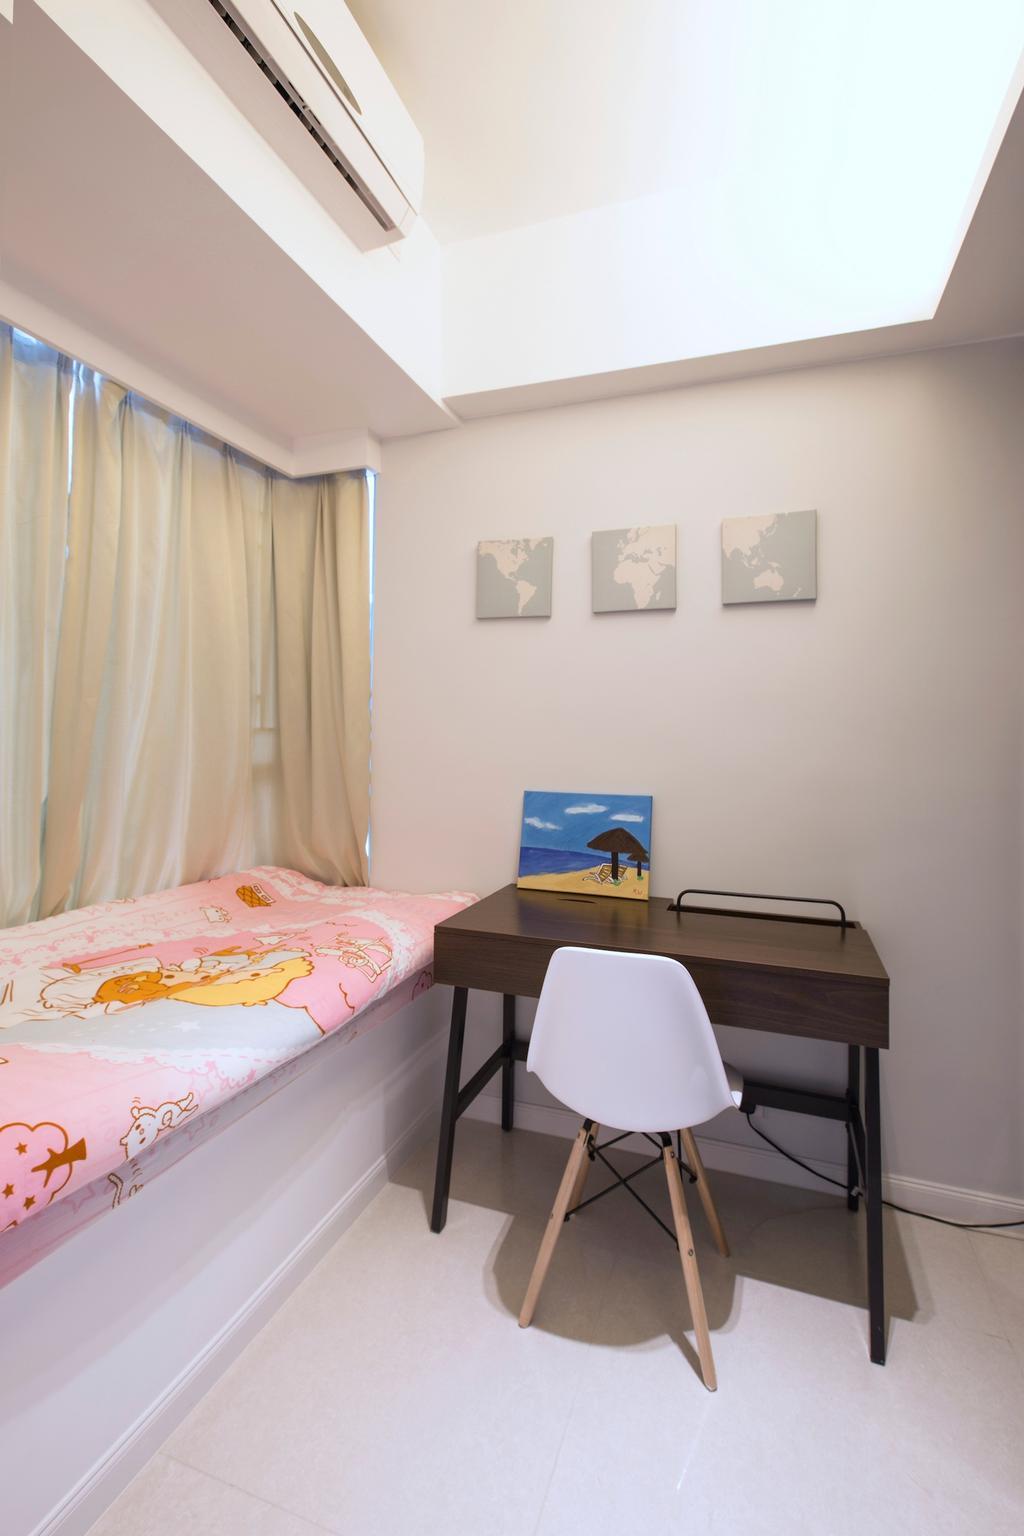 摩登, 私家樓, 睡房, 緻藍天, 室內設計師, am PLUS, Chair, Furniture, Indoors, Interior Design, Room